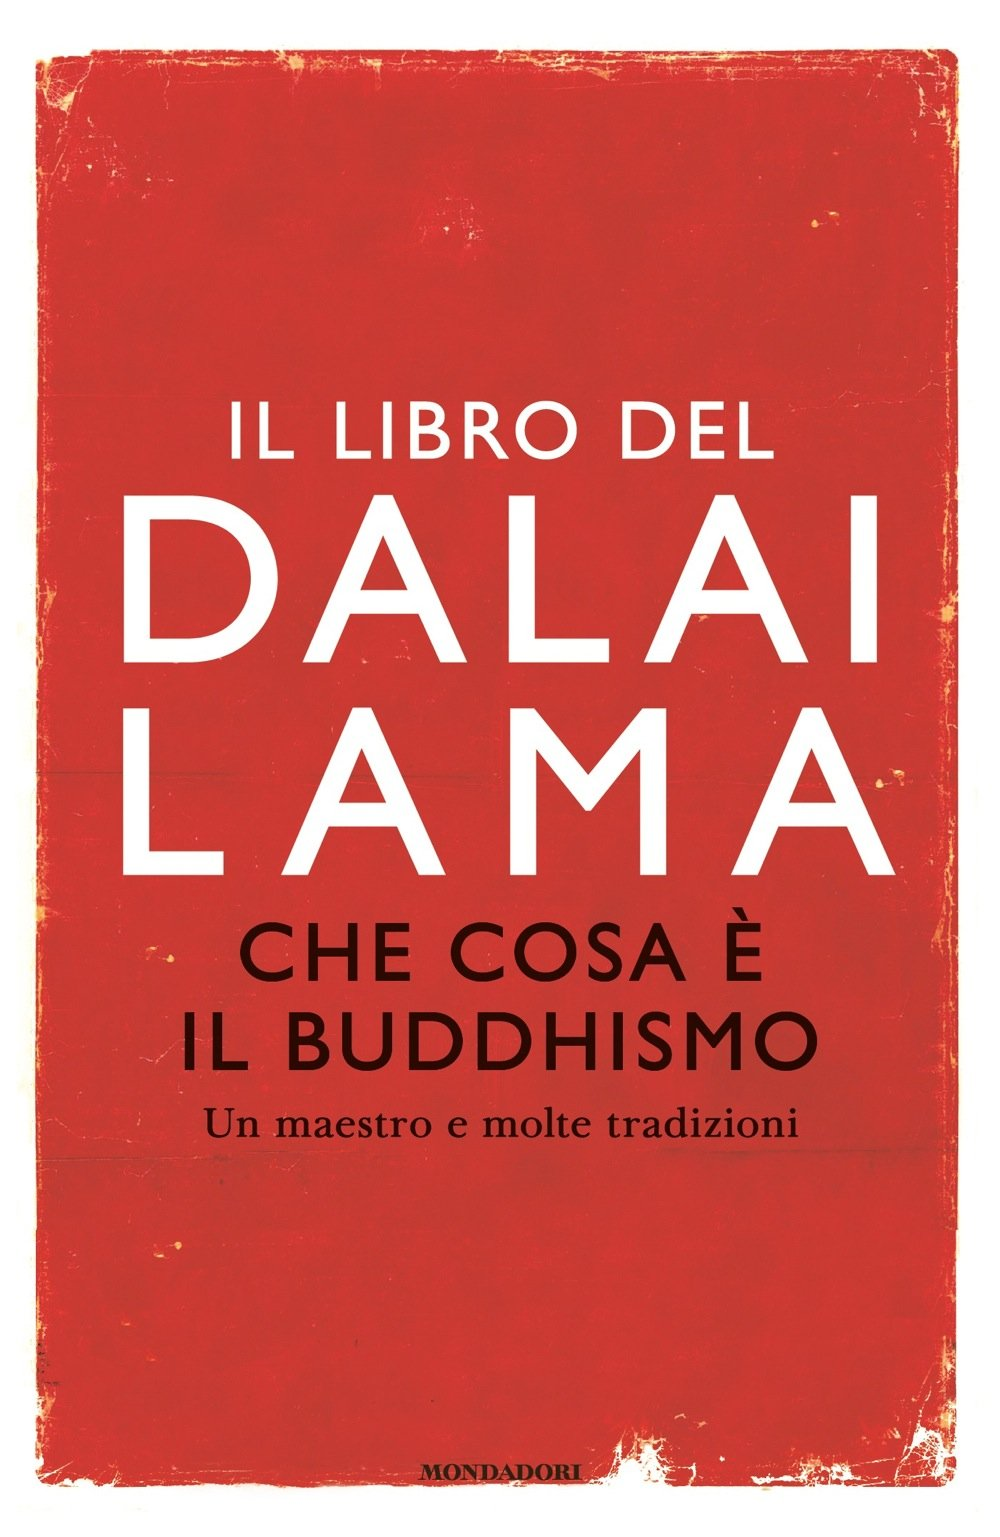 Che Cosa è Il Buddhismo Un Maestro E Molte Tradizioni Chodron Thubten Gyatso Tenzin Dalai Lama 9788804668916 Amazon Com Books